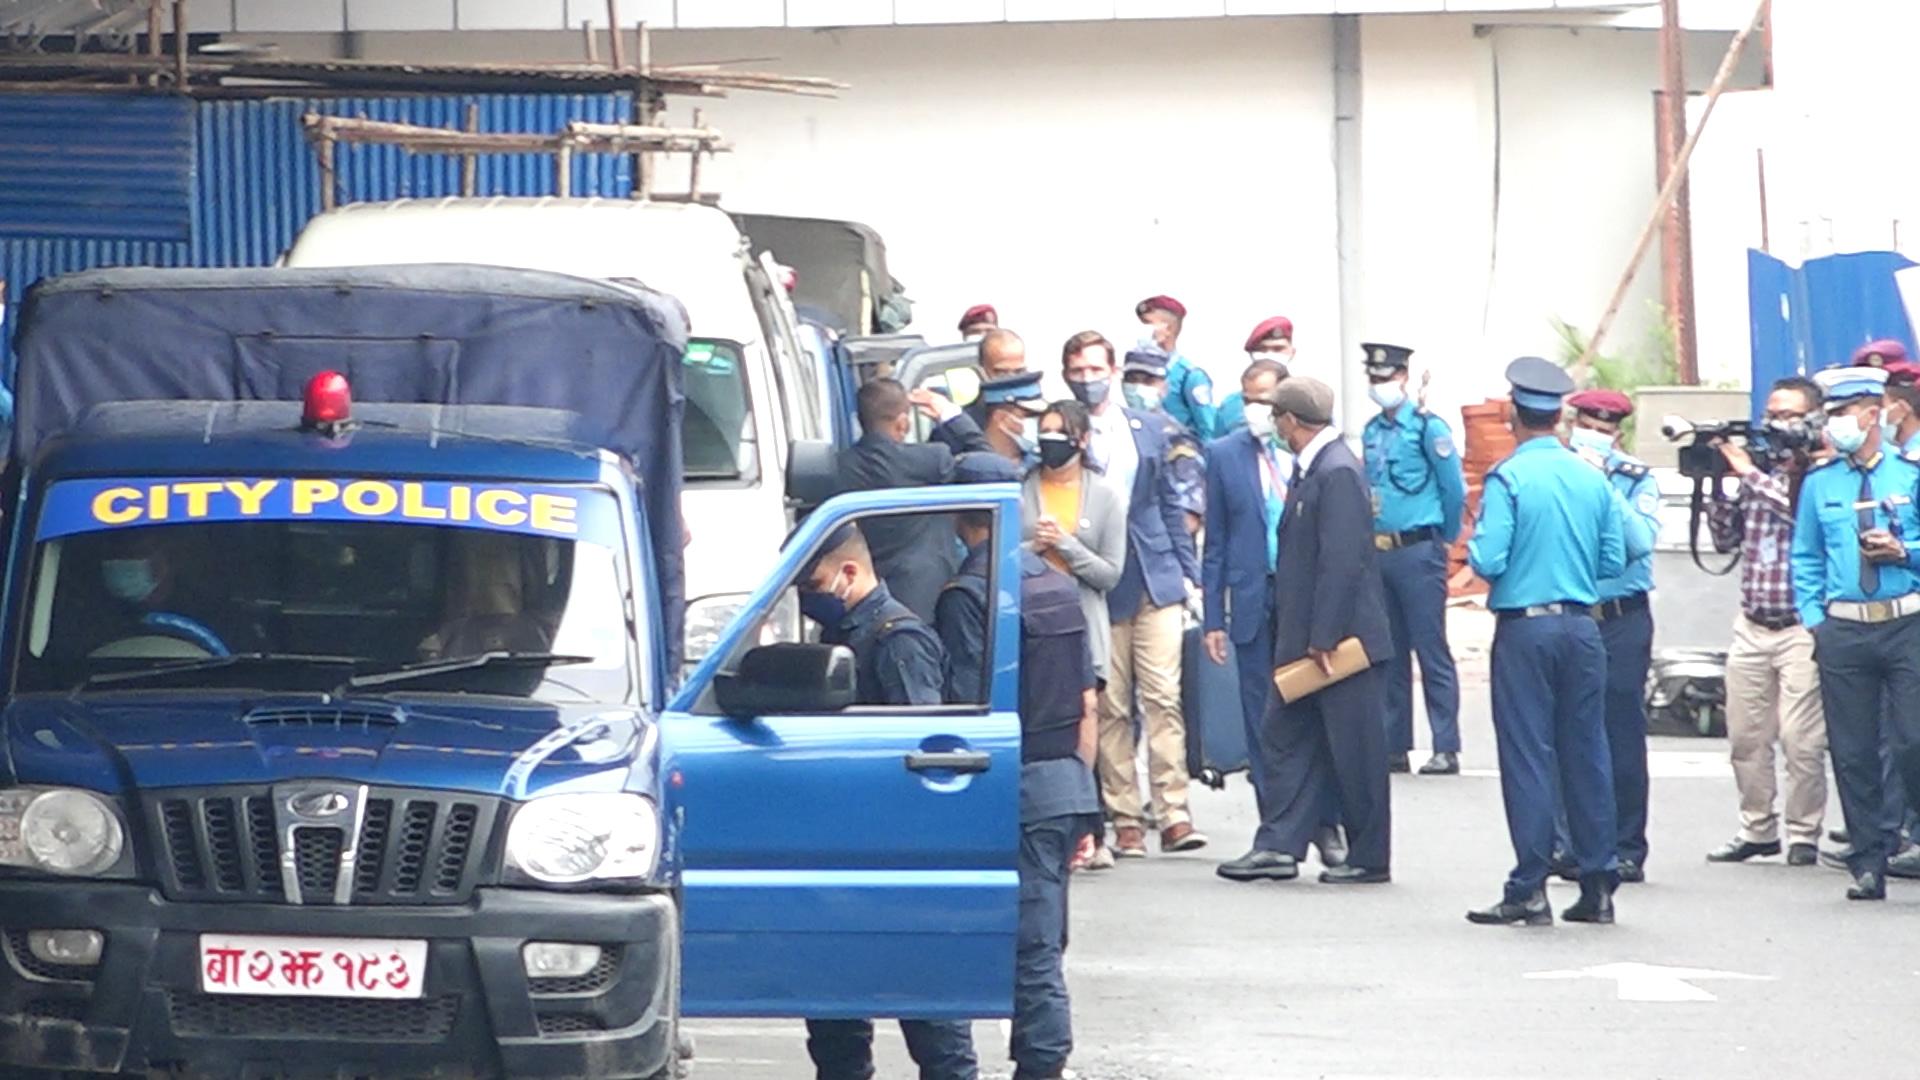 एमसिसी उपाध्यक्ष फतिमा सुमार काठमाडौँमा, सुरक्षा व्यवस्था अत्यन्तै कडा